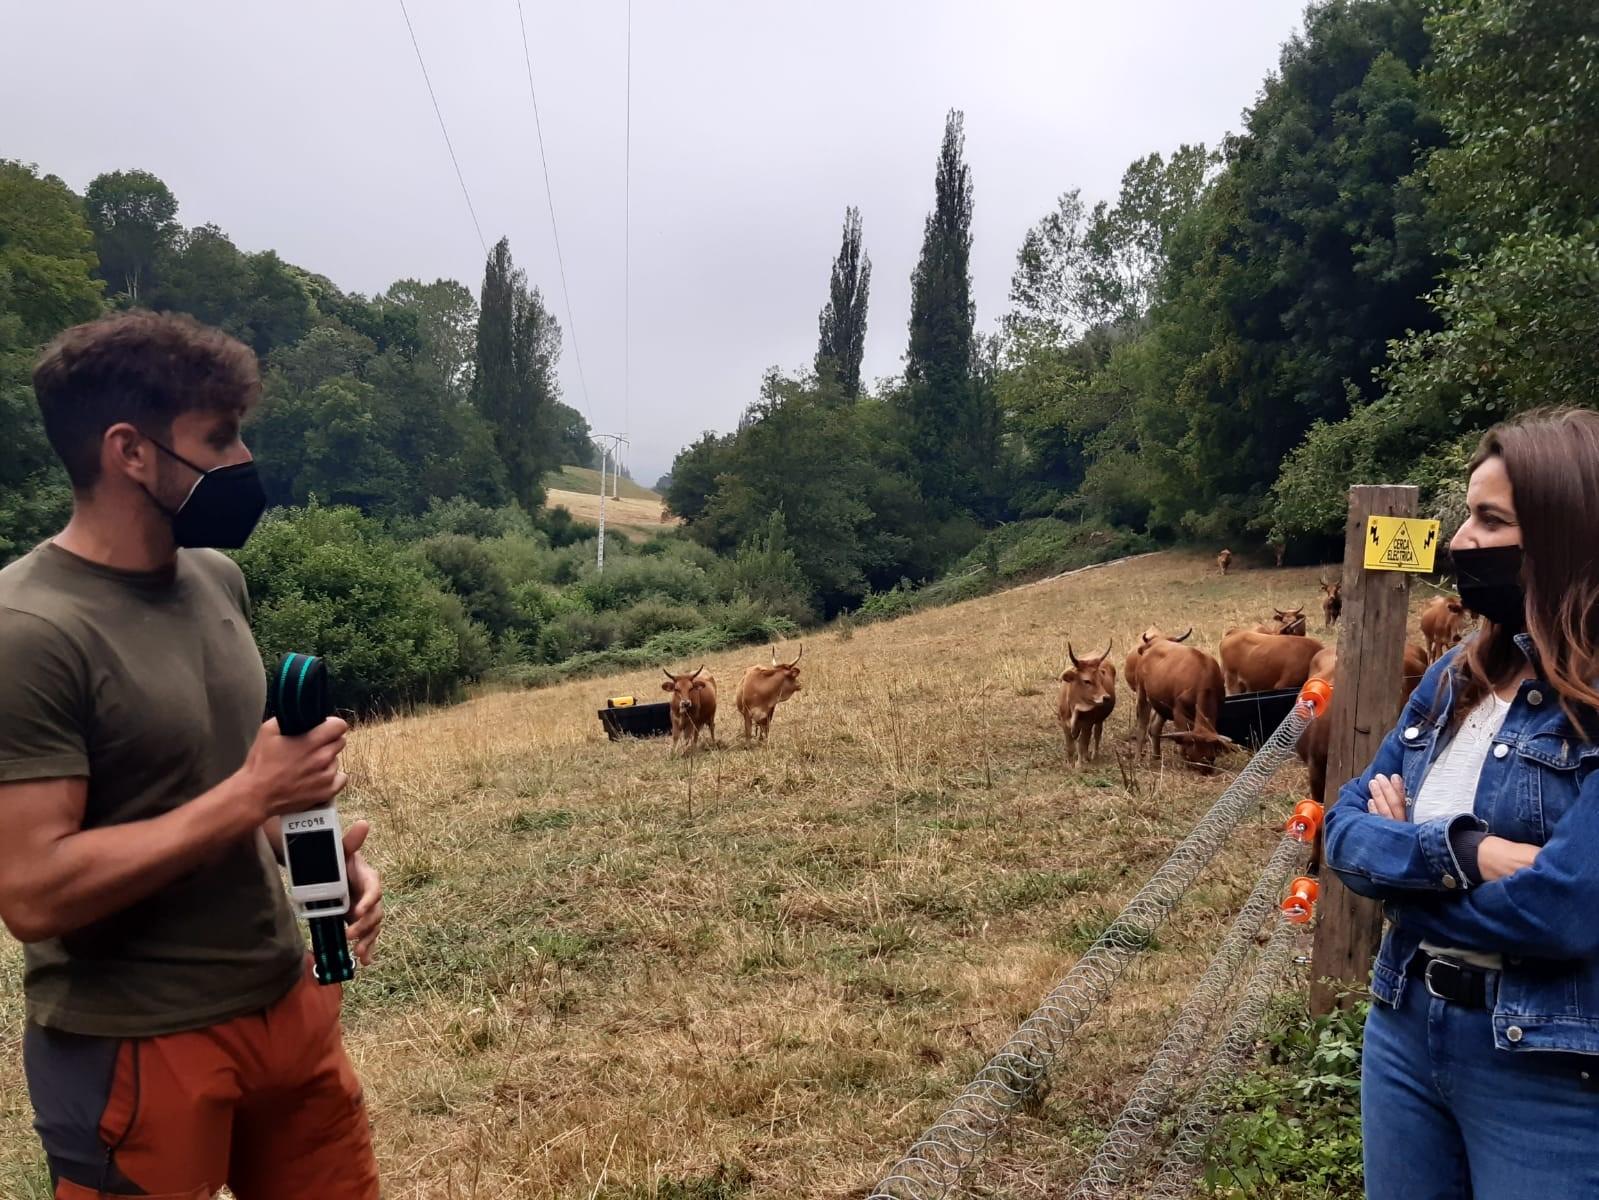 La Xunta valora la posibilidad de implantar un sistema basado en el internet de las cosas para la gestión de la ganadería extensiva en las aldeas modelo